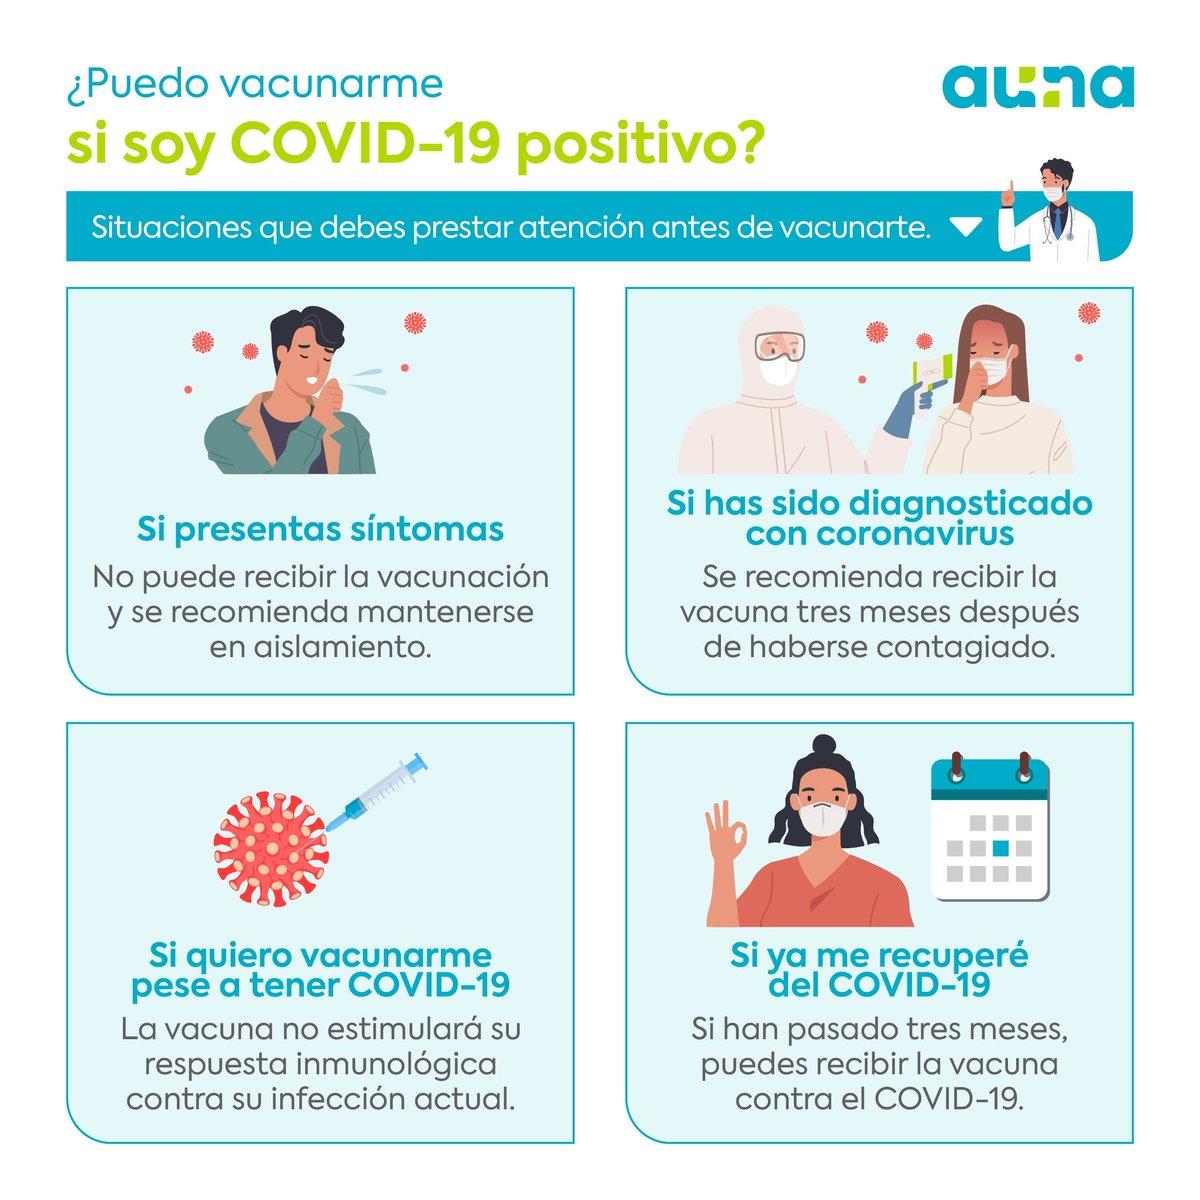 Puedo vacunarme si soy COVID-19 positivo_Mesa de trabajo 1